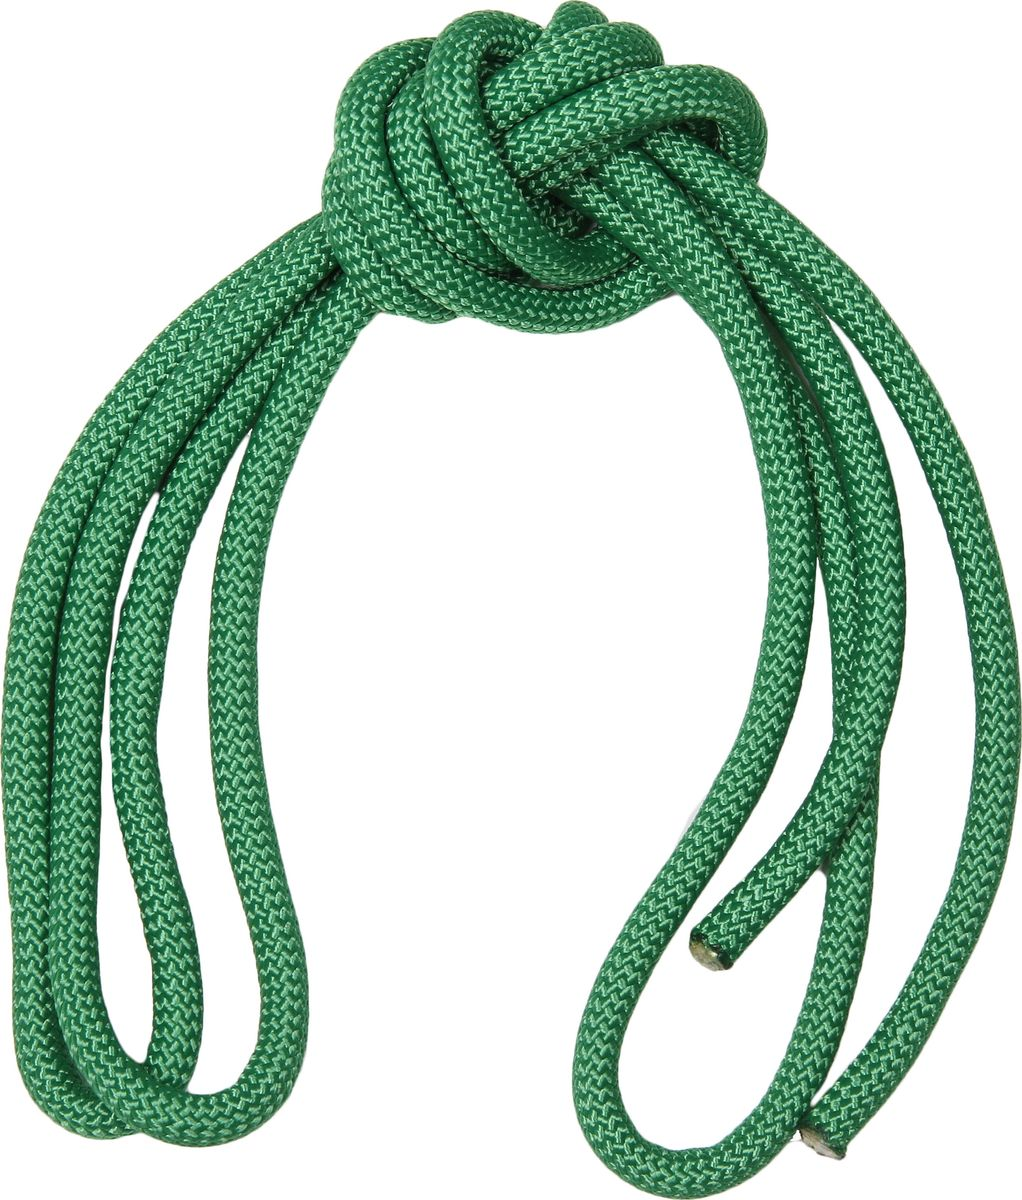 Скакалка гимнастическая Indigo, утяжеленная, цвет: зеленый, 2,5 м00021627Скакалка для художественной гимнастики Indigo достаточно тяжелая и хорошо летает, но в то же время мягкая и в процессе обучения прыжкам не хлещет по ногам. Такая скакалка очень удобна и практична.